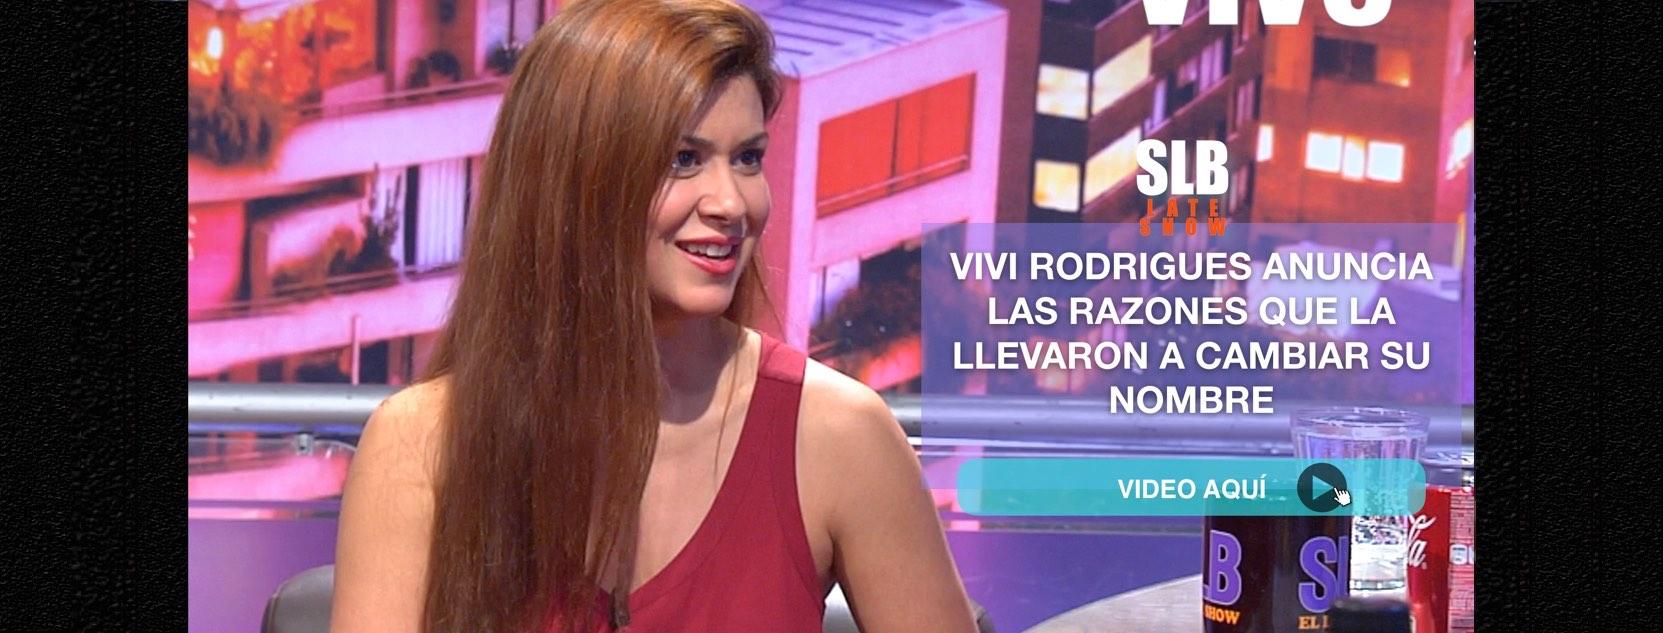 vivi-rodrigues-1